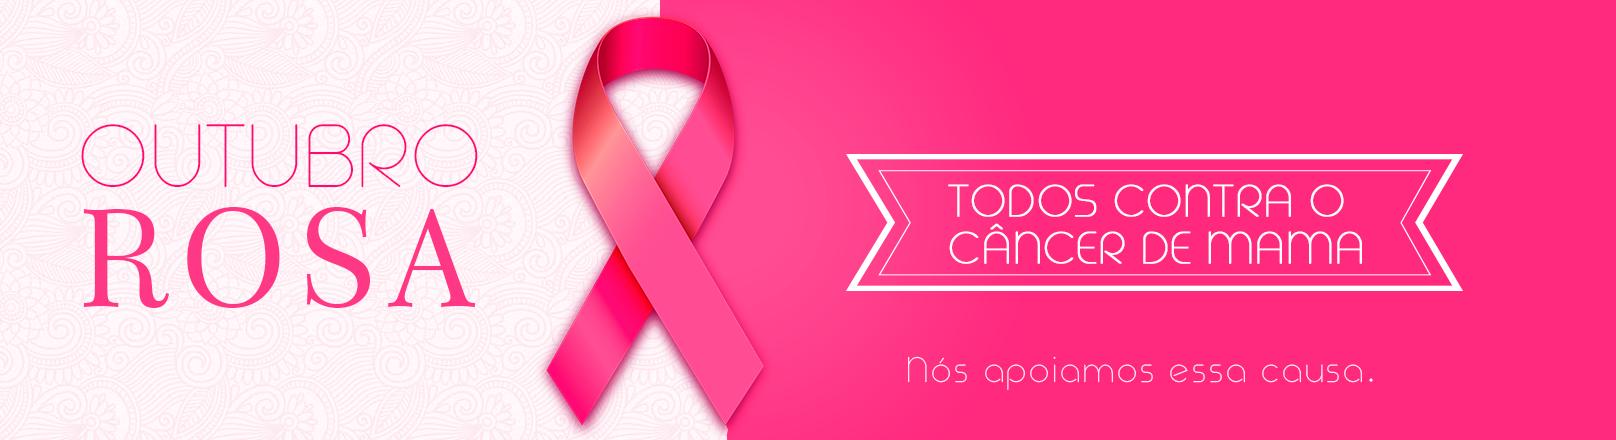 banner-outubro-rosa-celere-contadores